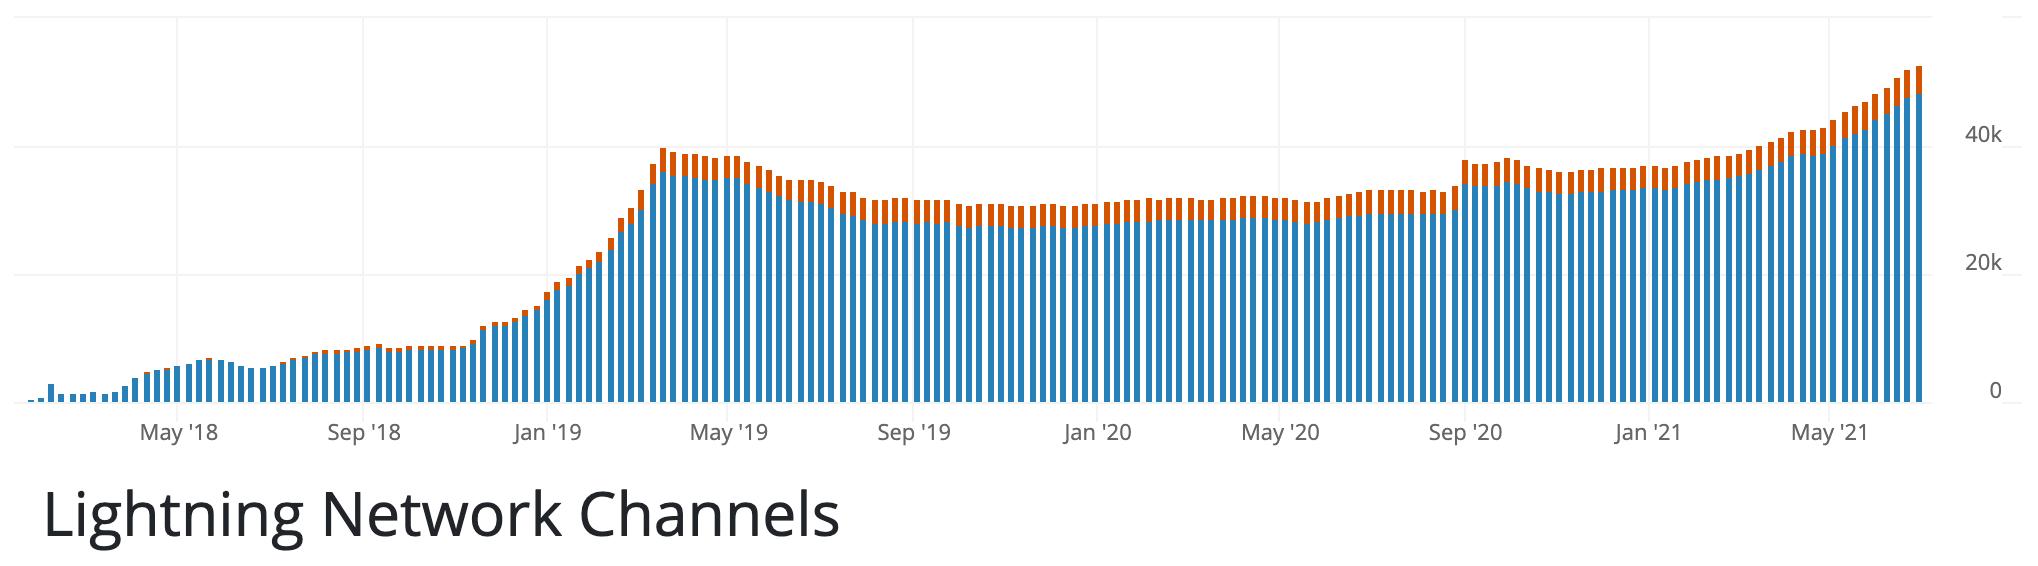 数据:闪电网络近期加速发展,资金规模月增近16%